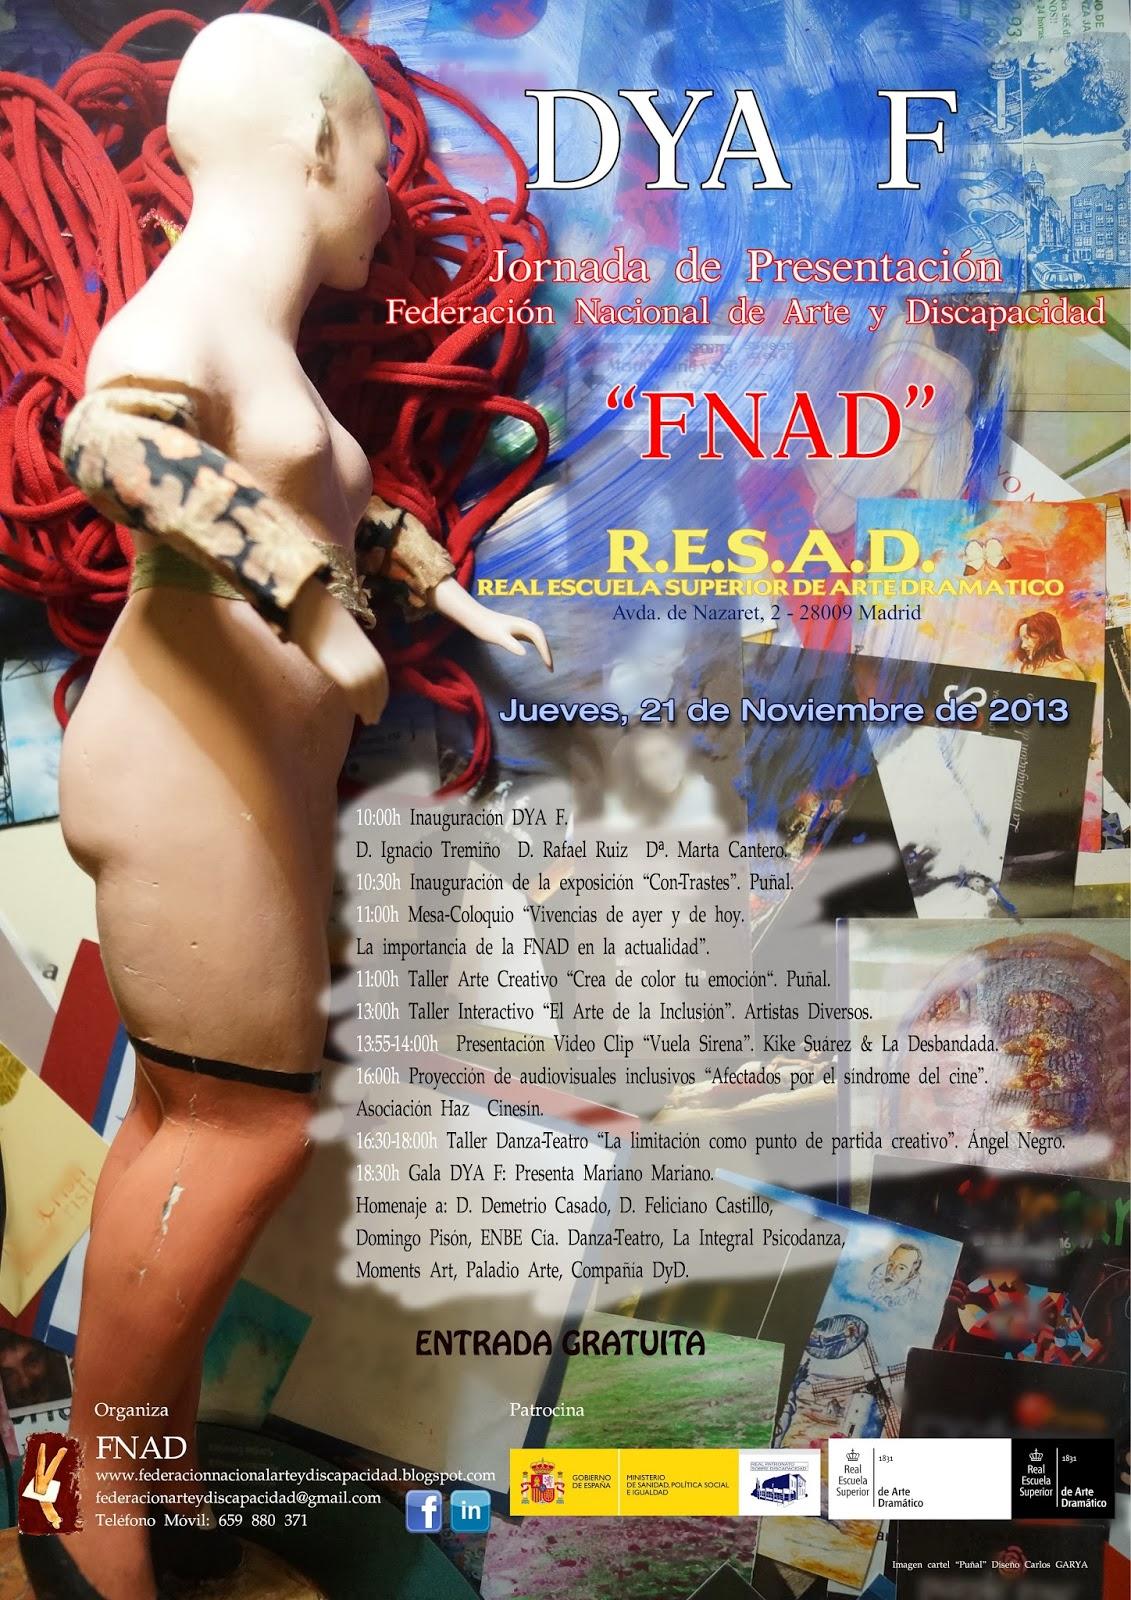 http://federacionnacionalartediscapacidad.blogspot.com.es/p/dya-f.html